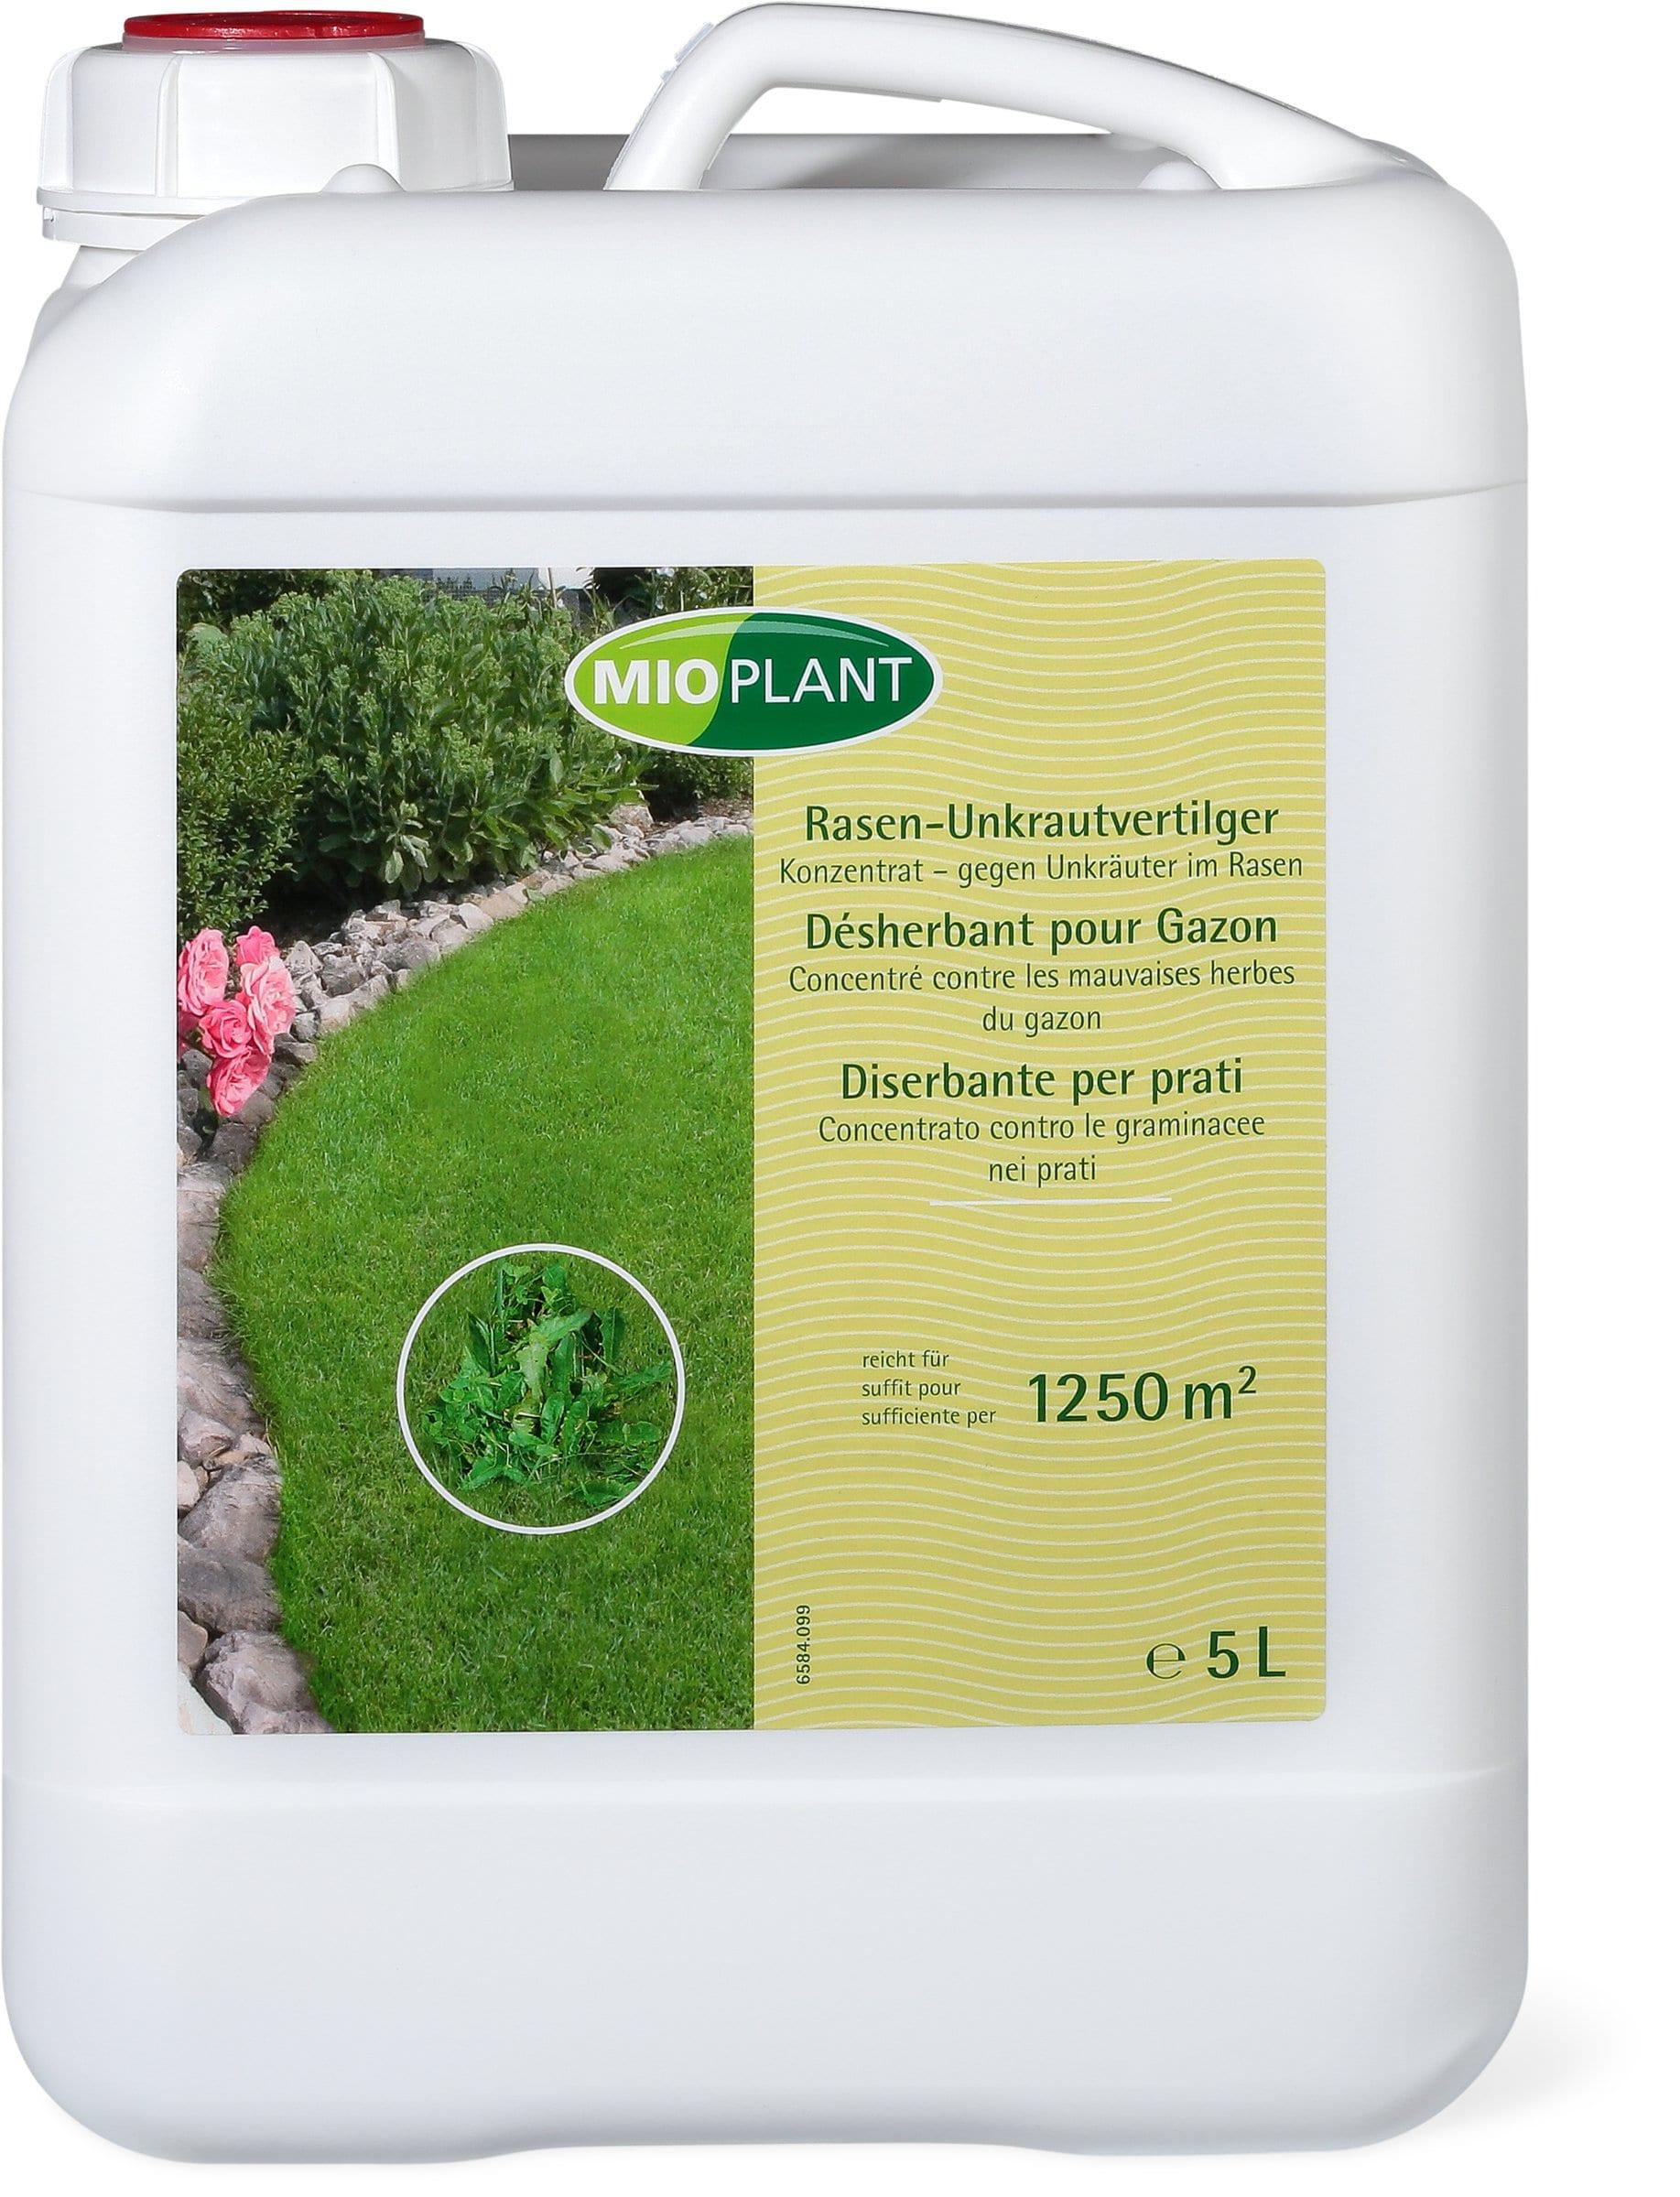 mioplant d sherbant pour gazon concentr contre les mauvaises herbes du gazon 5 l migros. Black Bedroom Furniture Sets. Home Design Ideas